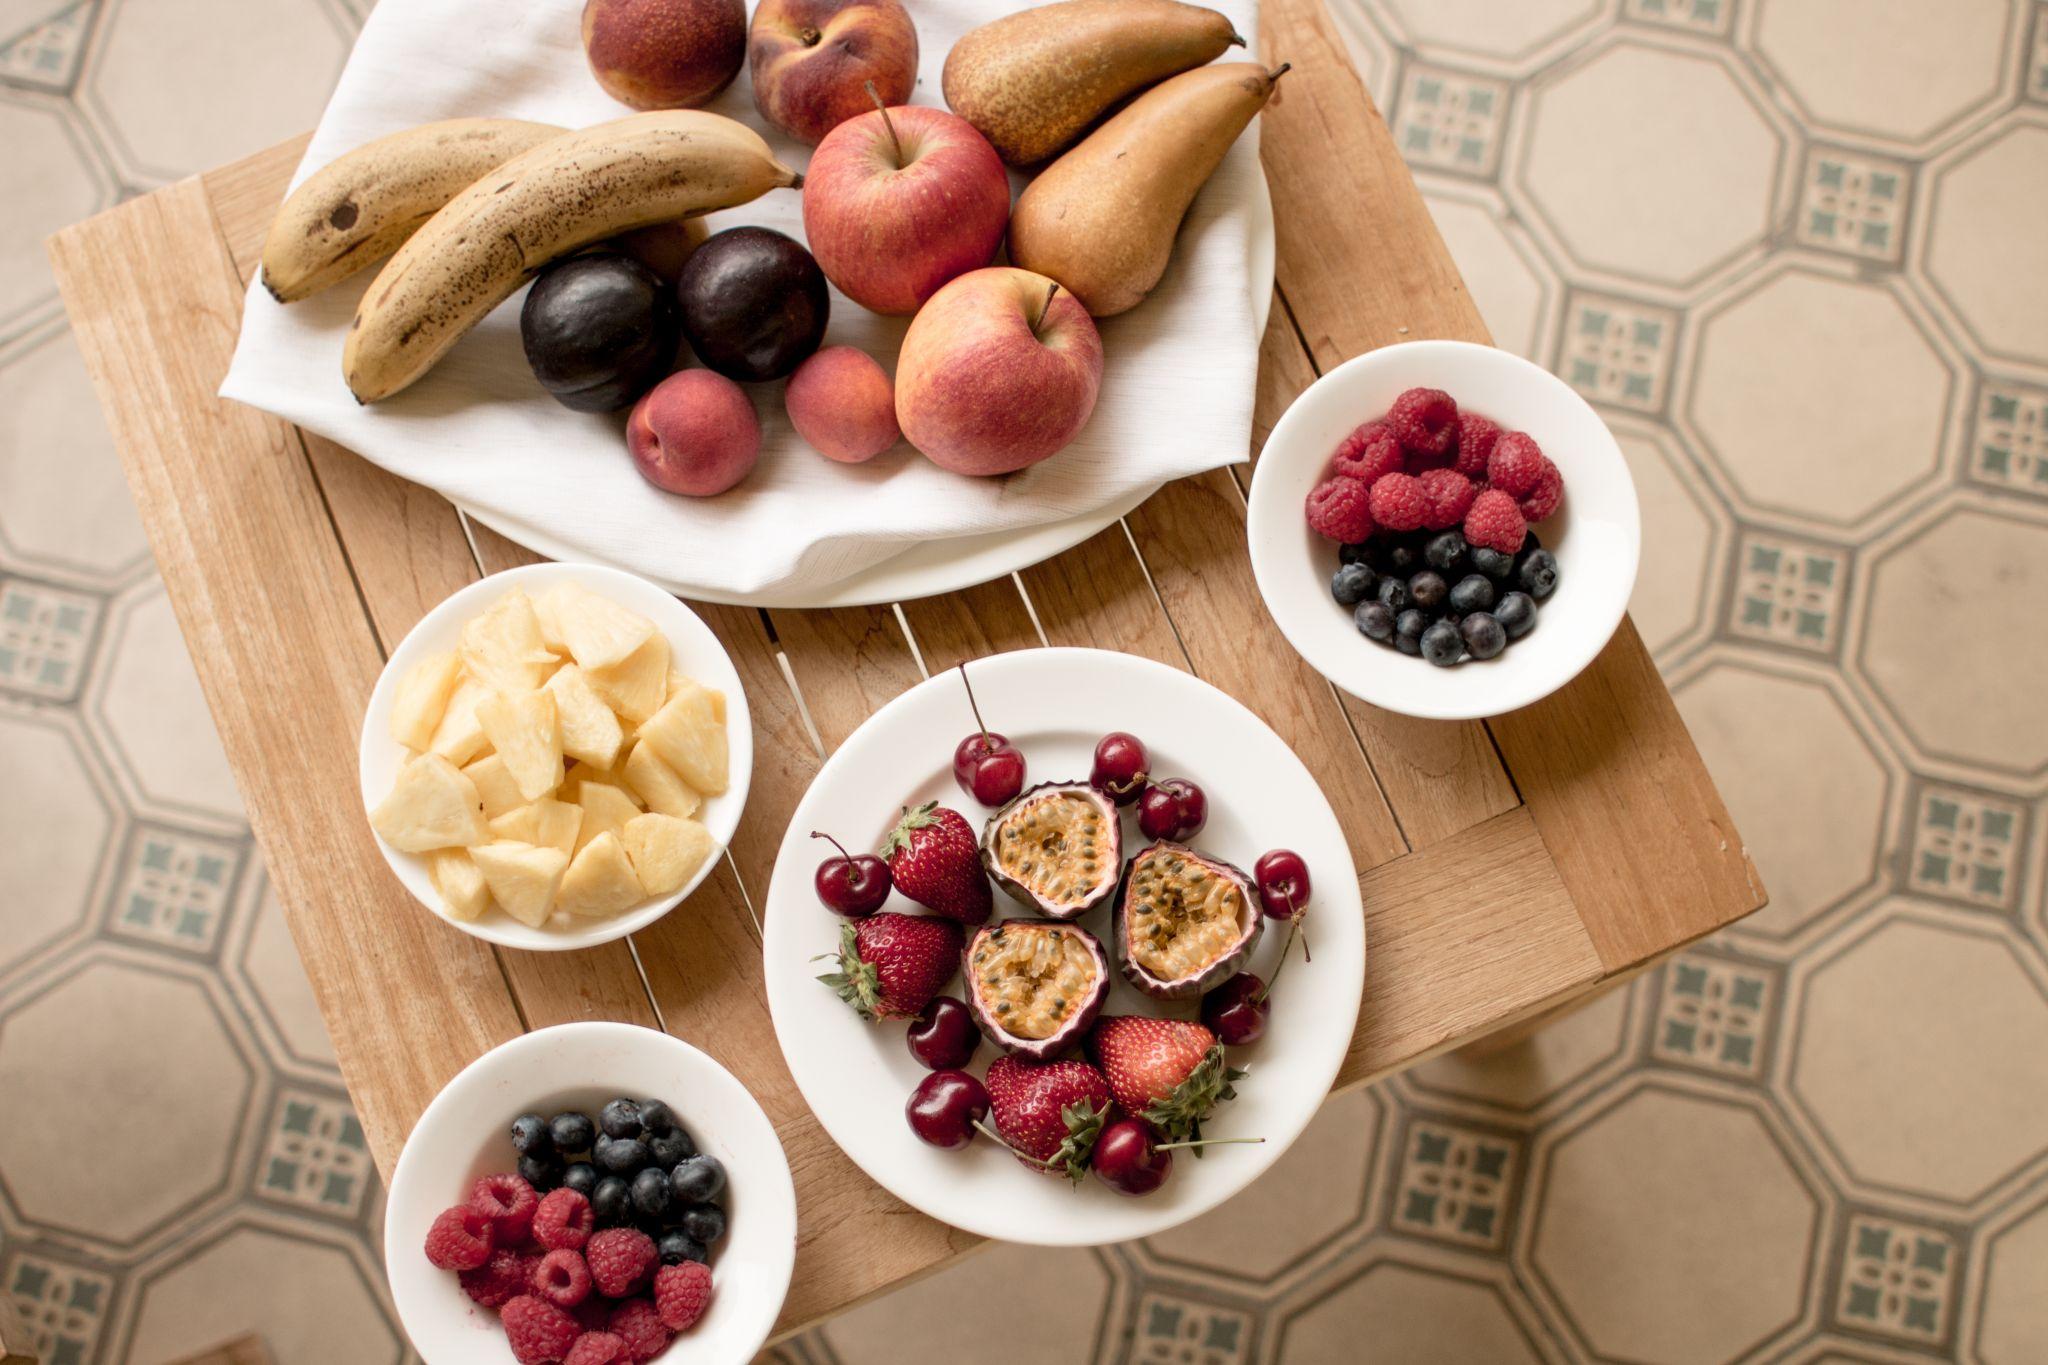 Adler Dolomites Hotel Ortisei Italy Hotel Review fruit for breakfast